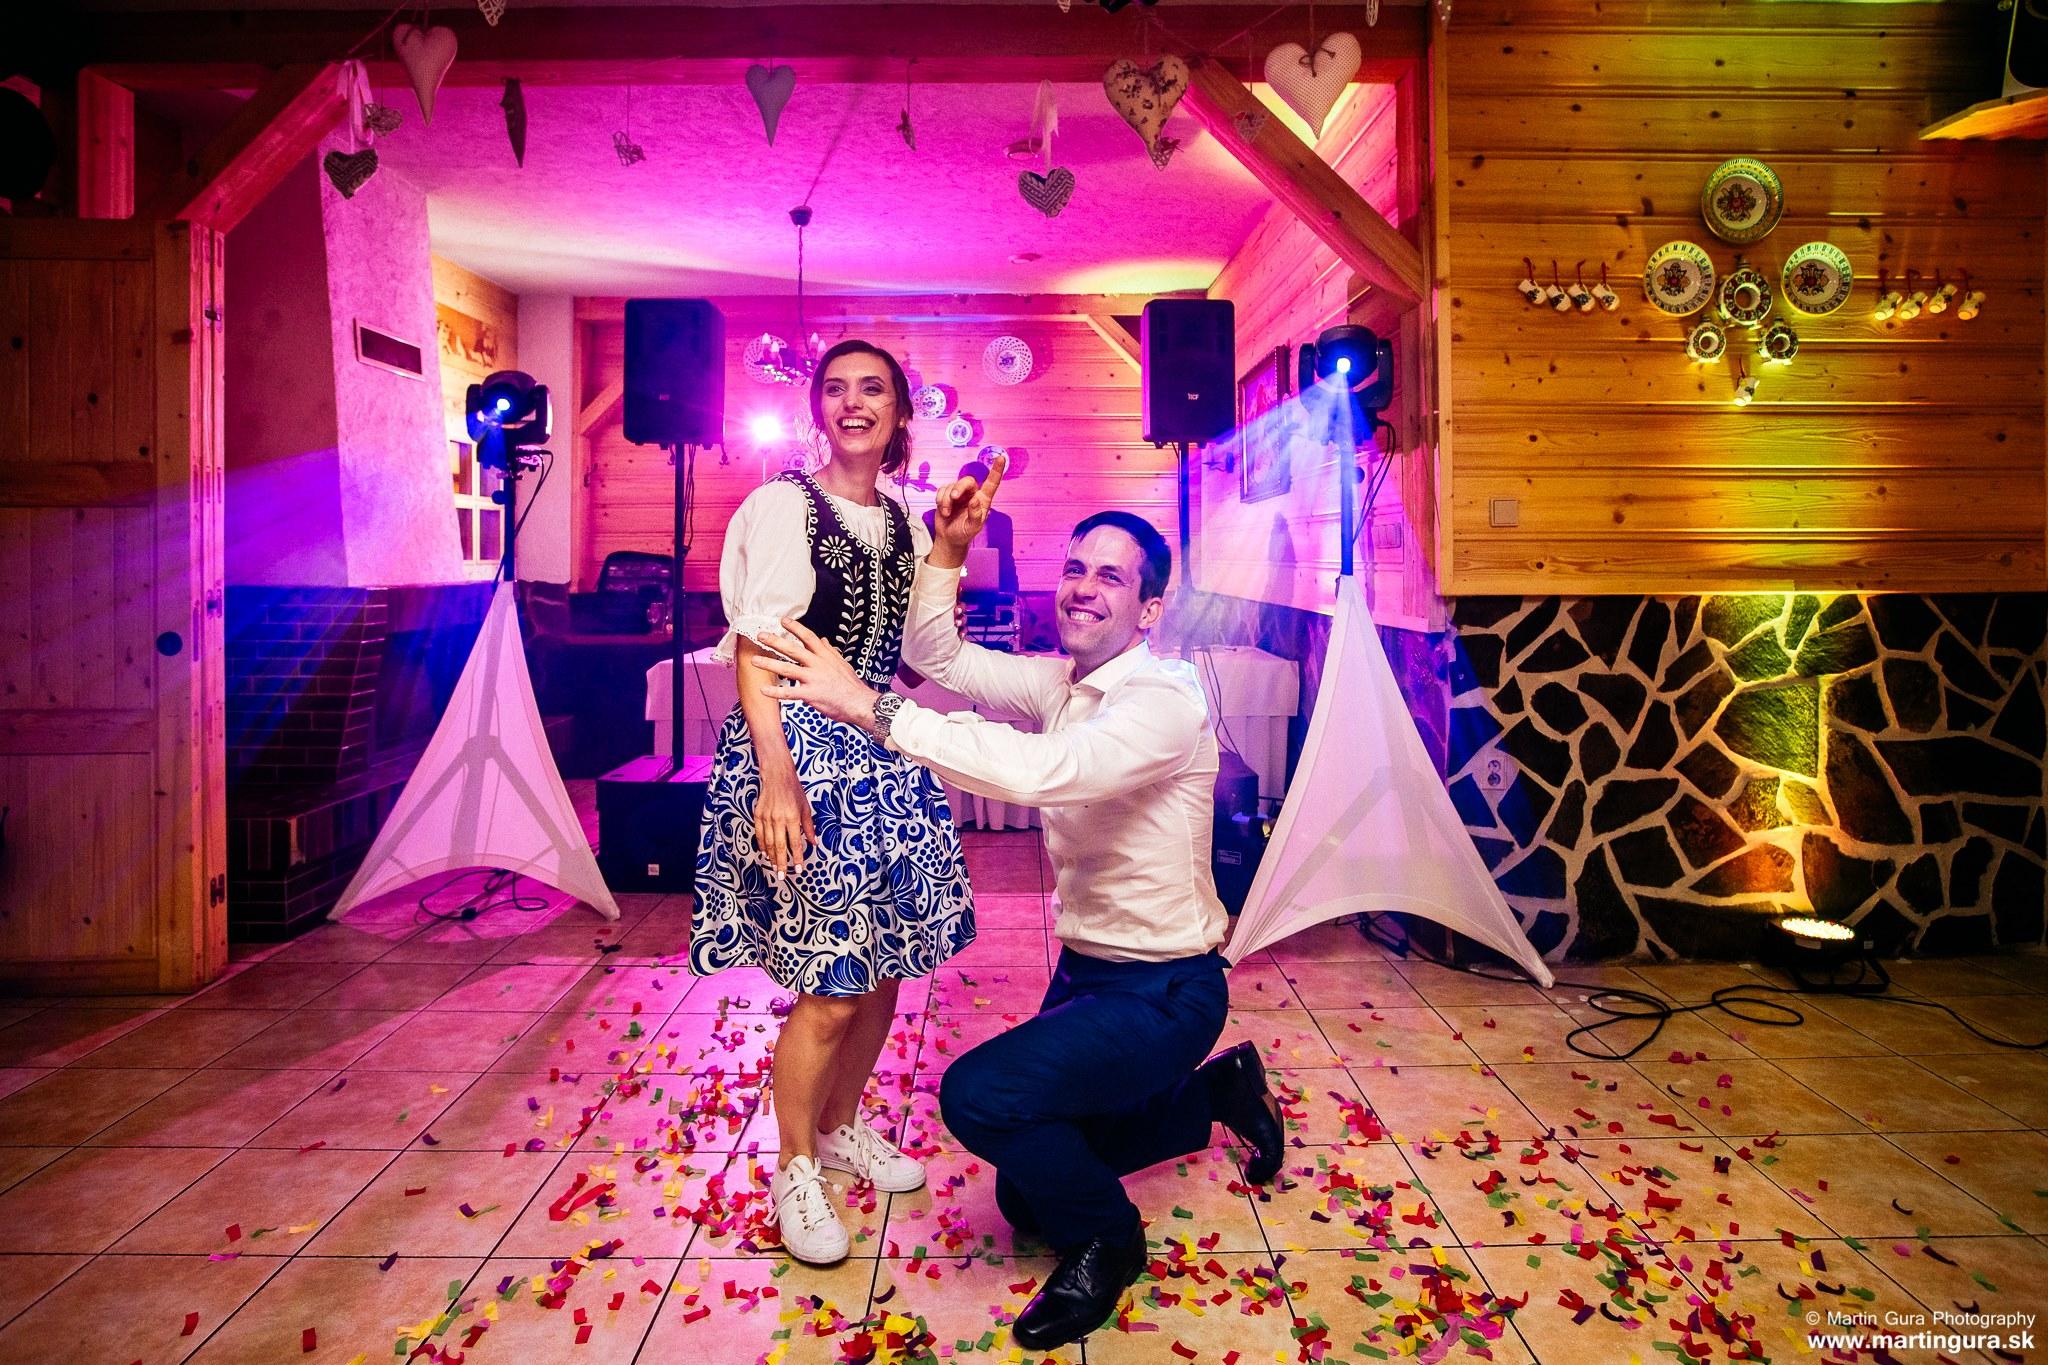 Svadba Demänovská dolina, Koliba Bystrina 05 #svadobnyDJ, #djanasvadbu, #svadba, #svadbademanovskadolina, #kolibabystrina